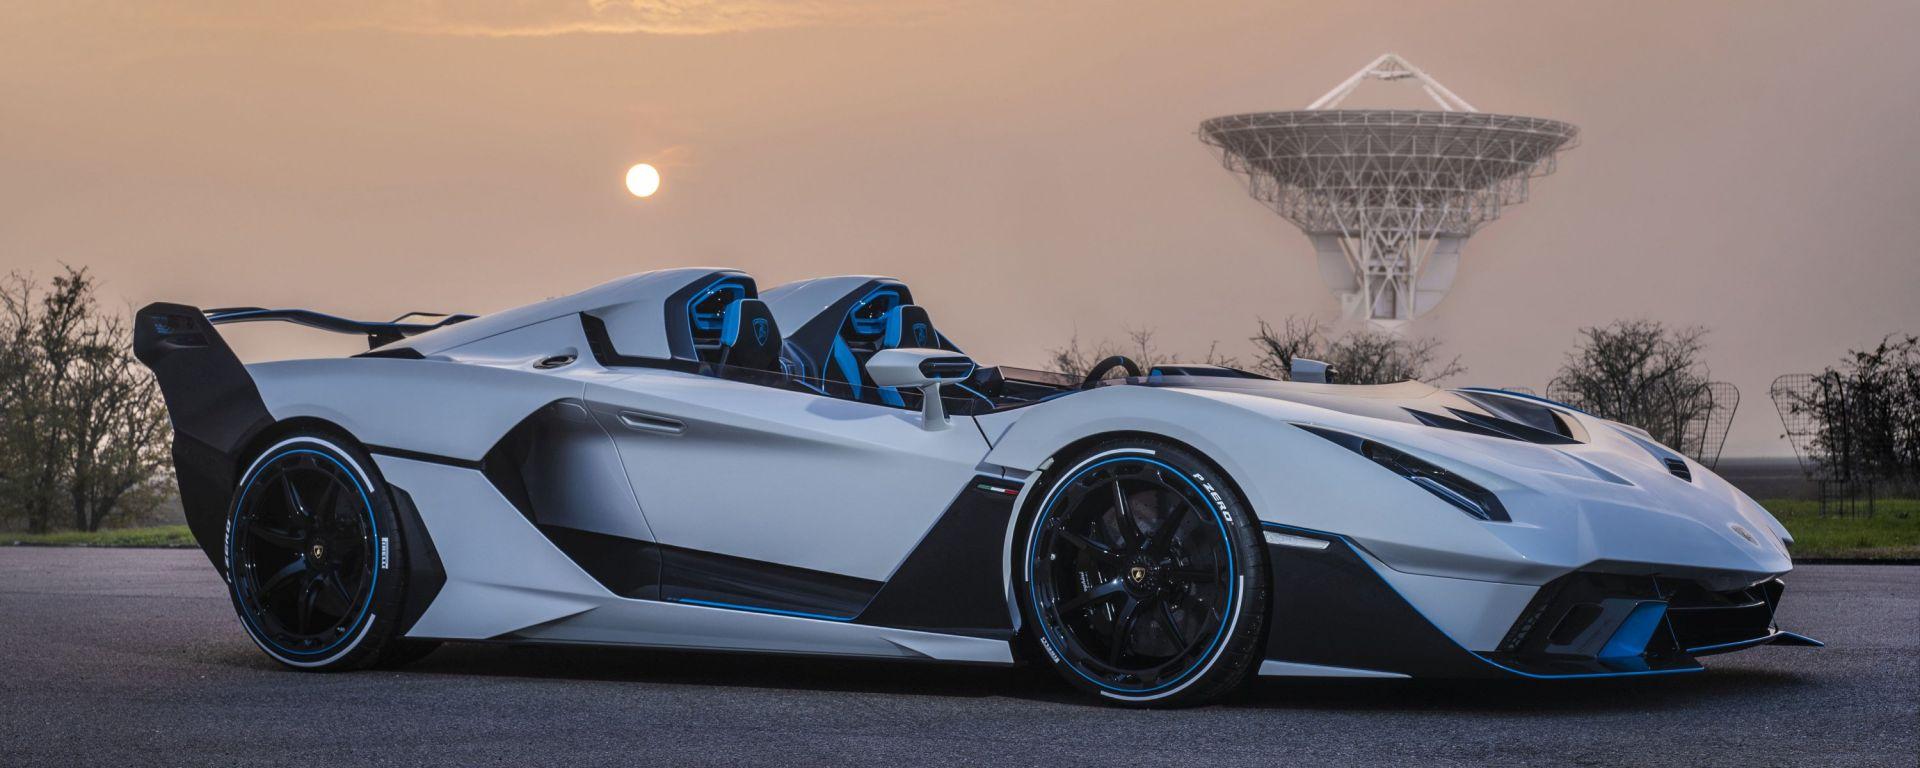 Lamborghini SC20, foto all'alba